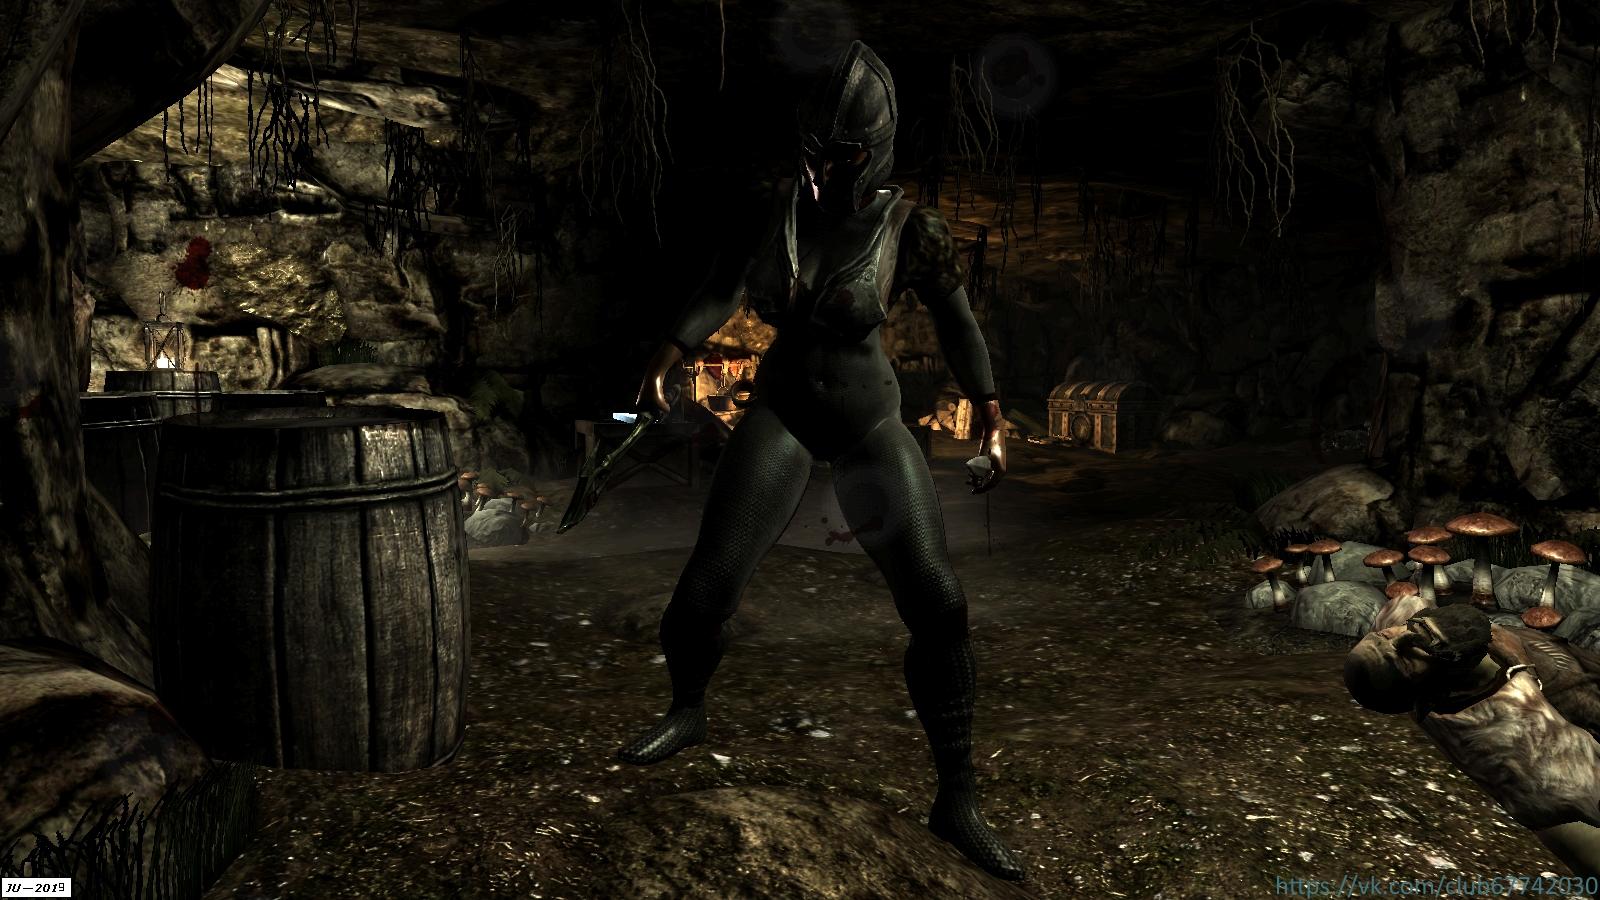 """Из серии """"Разбойники Скайрима"""". - Elder Scrolls 5: Skyrim, the Гловарь"""